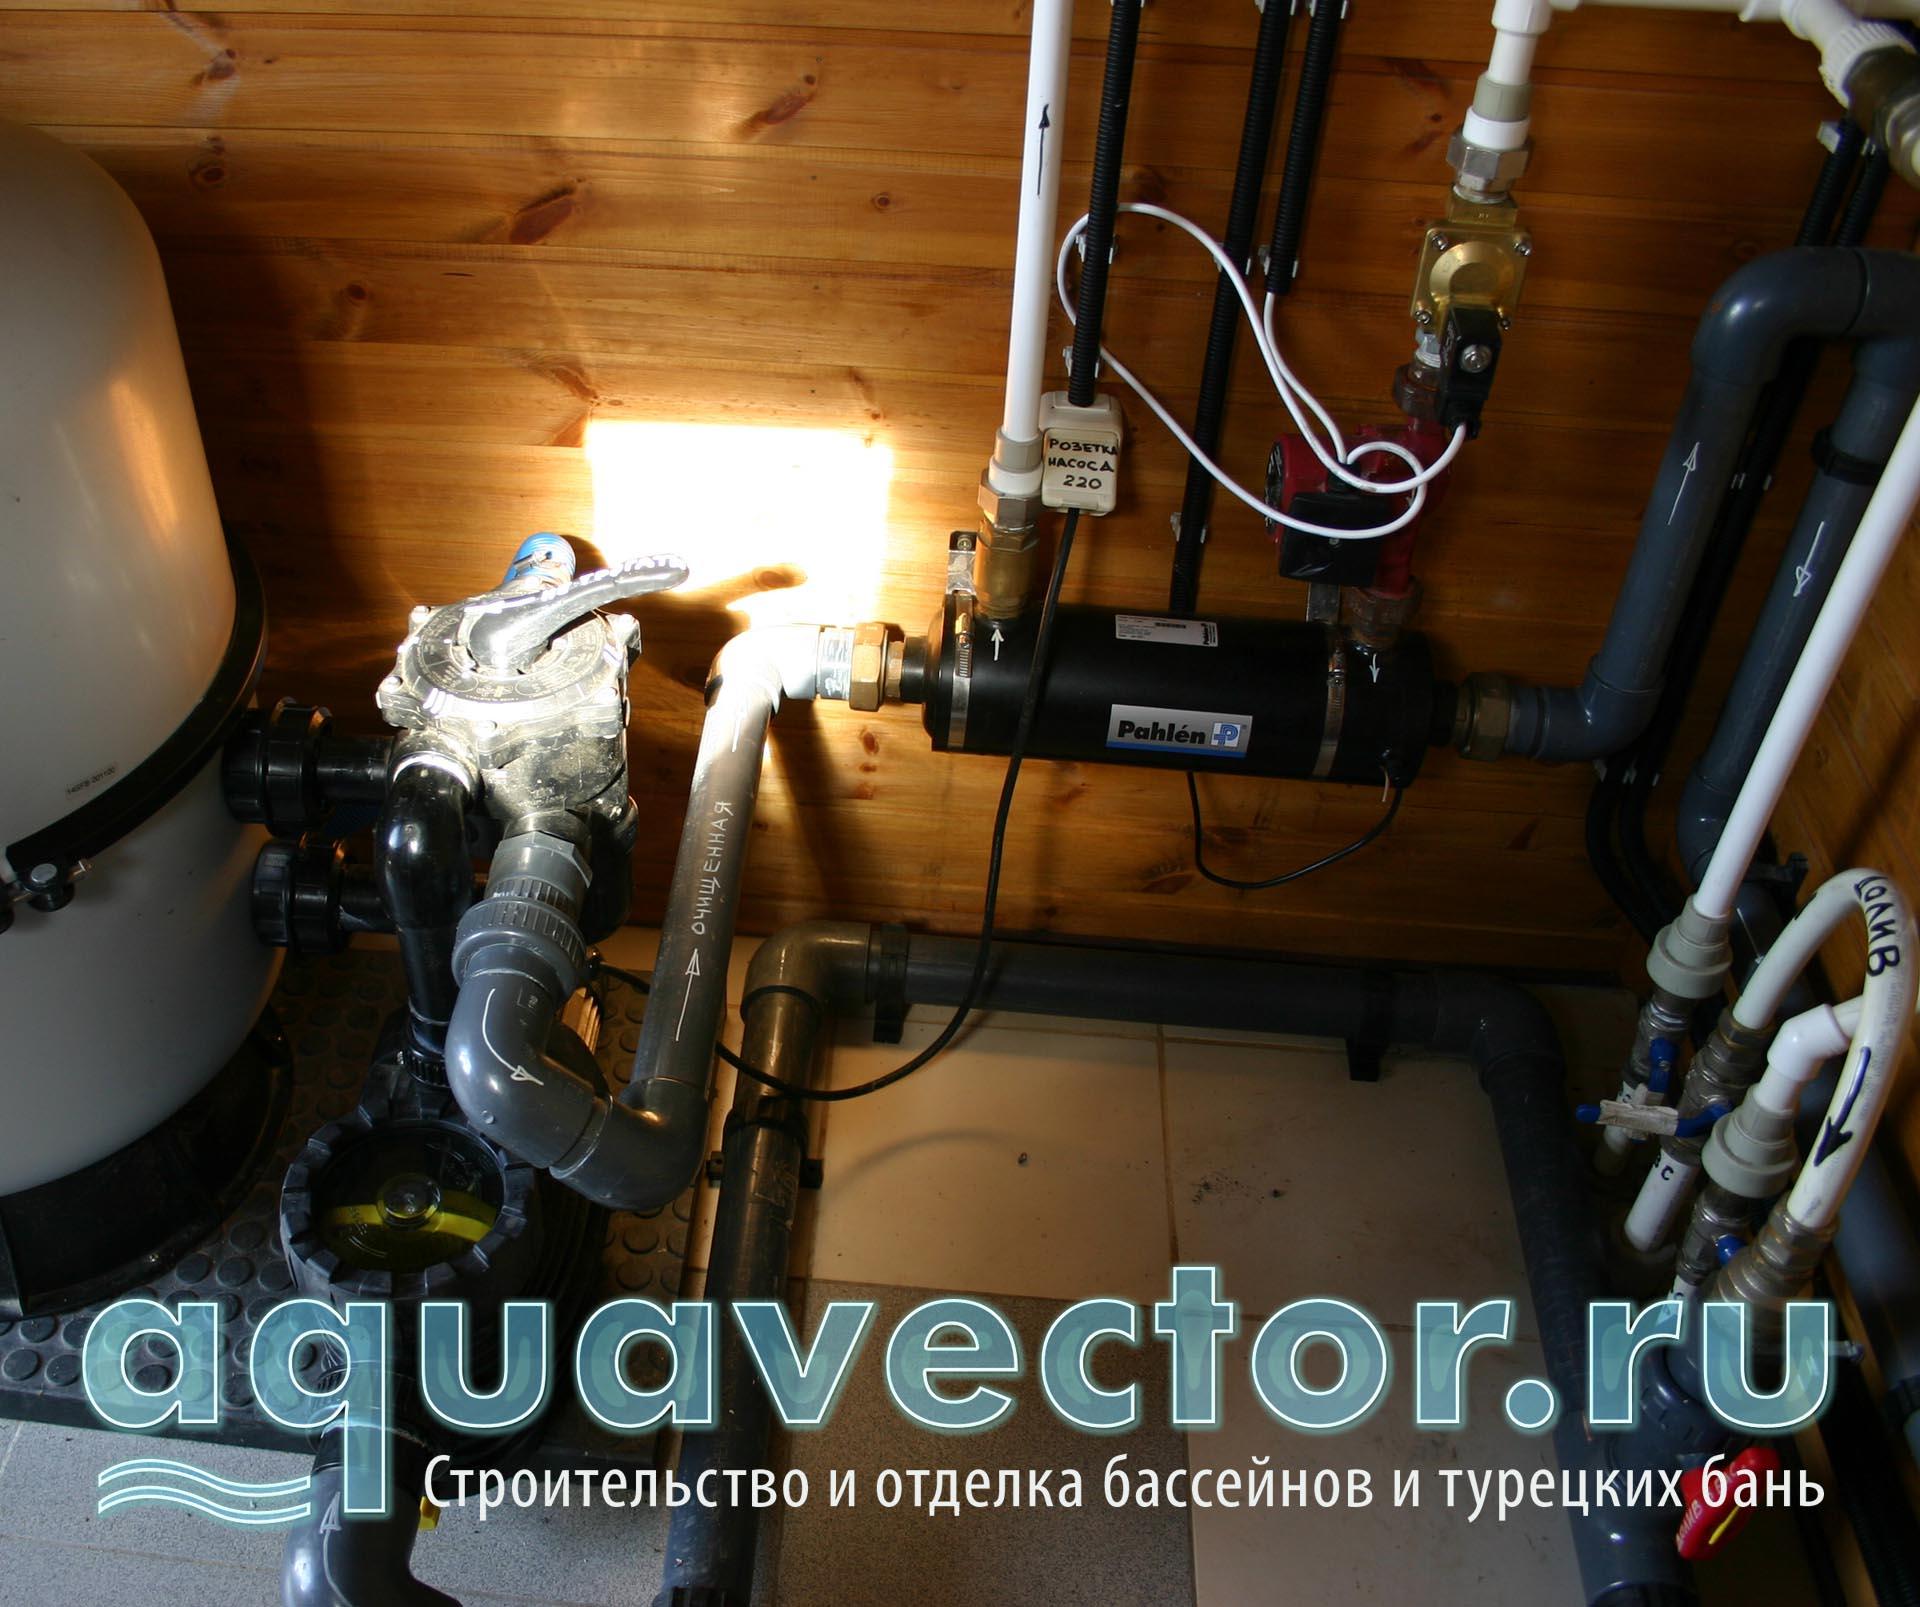 Расположение бассейнового оборудования